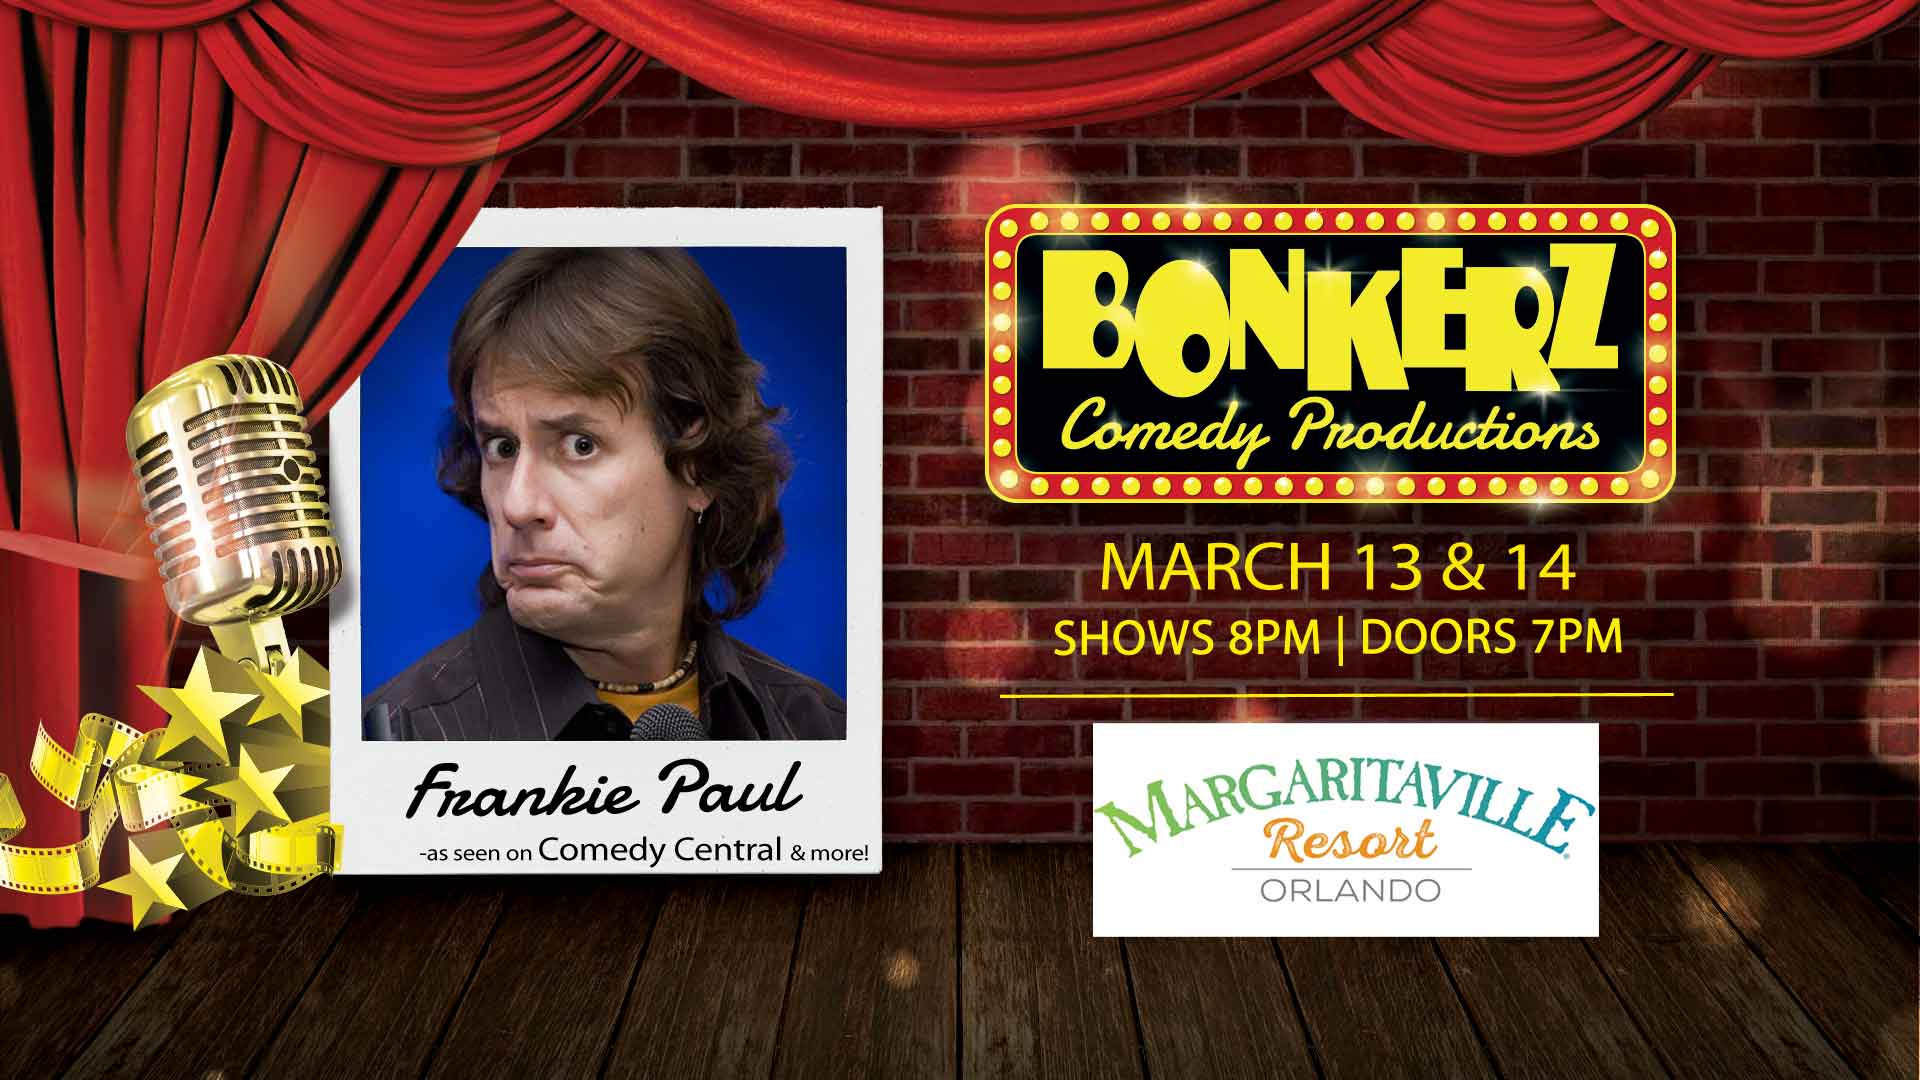 Frankie Paul at Bonkerz Comedy Club